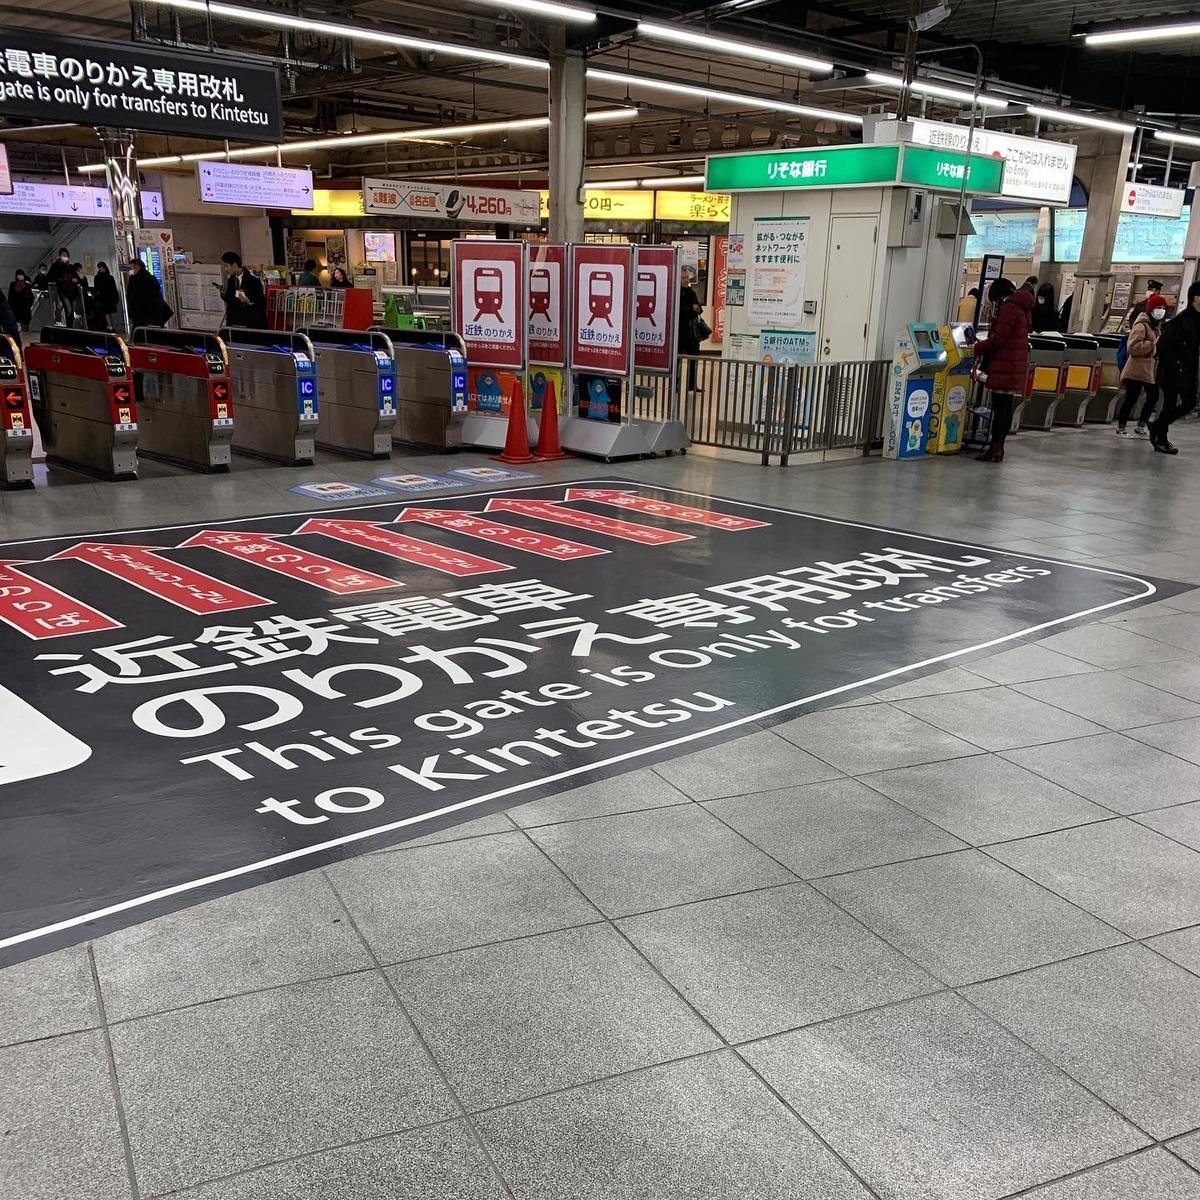 鶴橋駅の乗り換え専用改札口